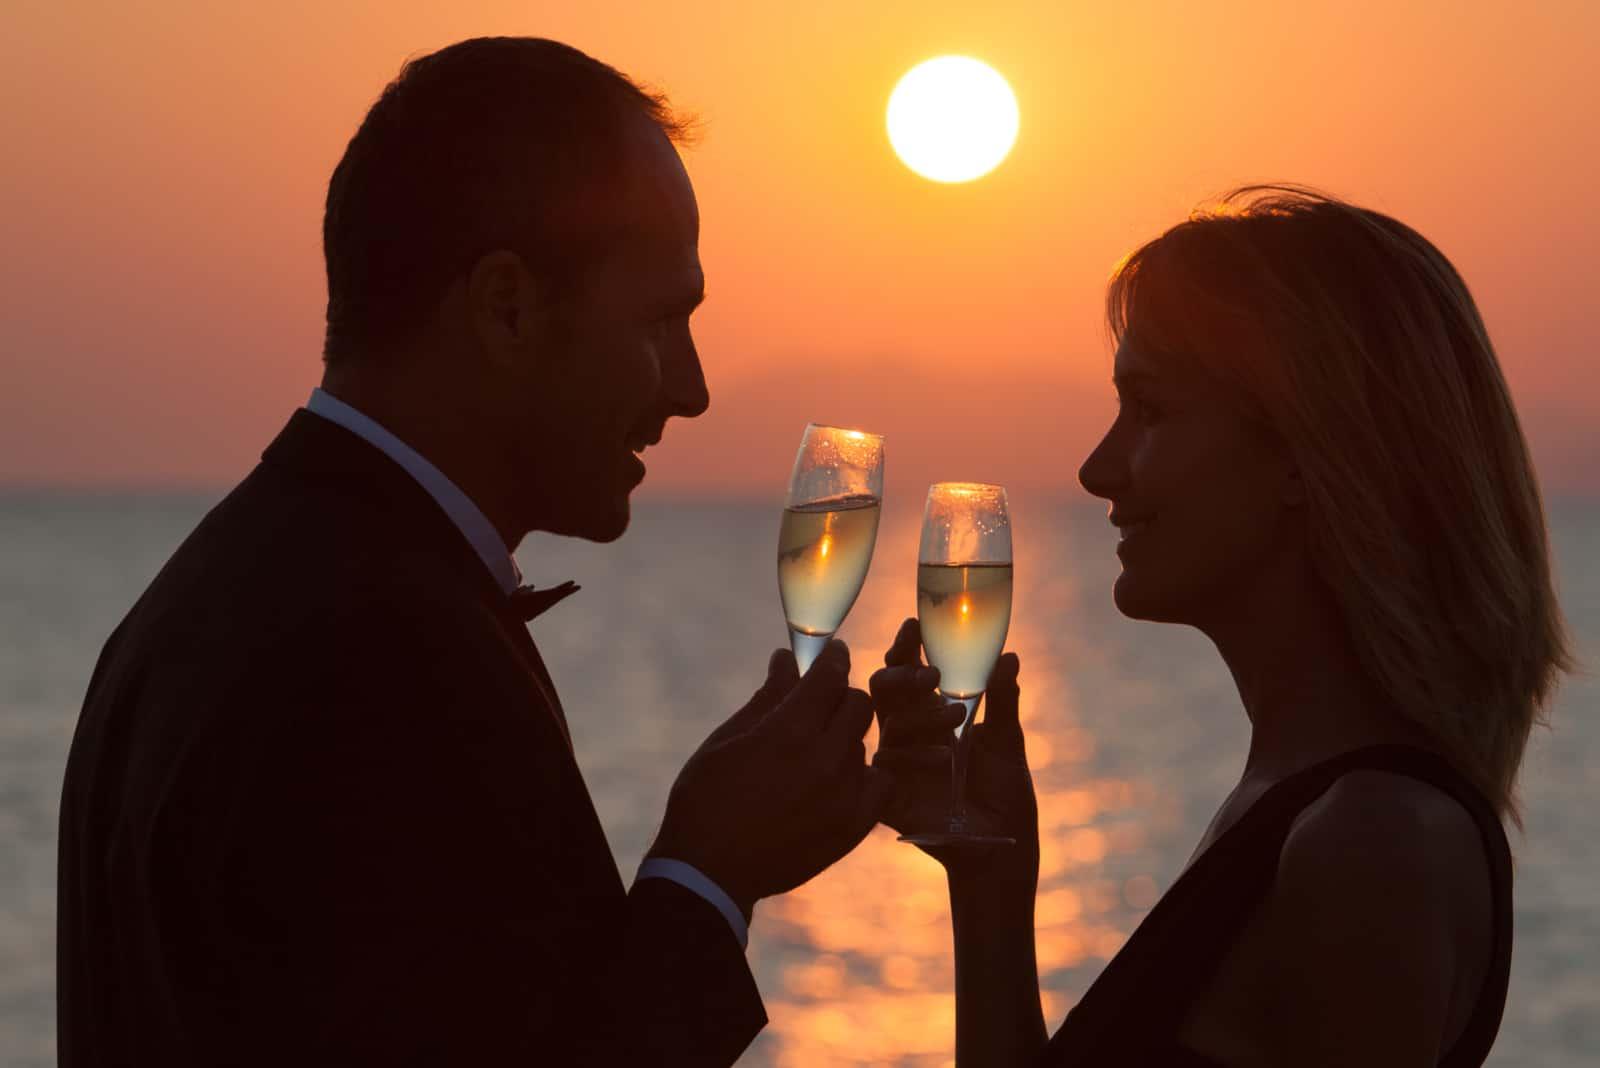 17 Jahre verheiratet: Bedeutung, Sprüche und Glückwünsche